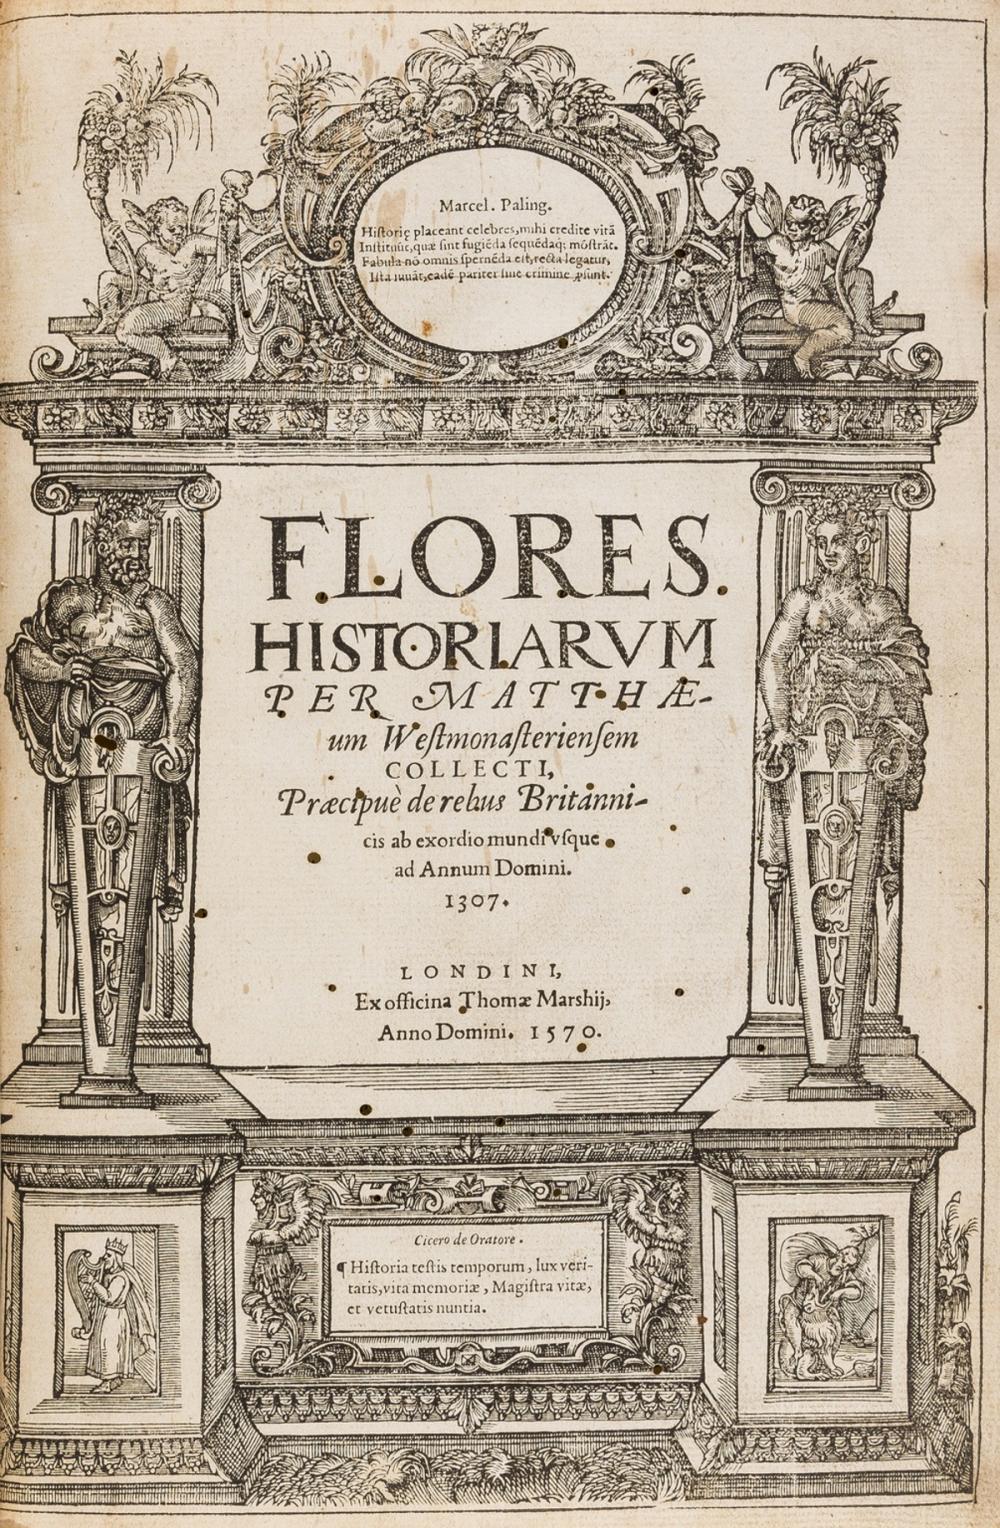 [Paris (Matthew)] Flores Historiarum per Matthaeum Westmonasteriensem Collecti, 1570.